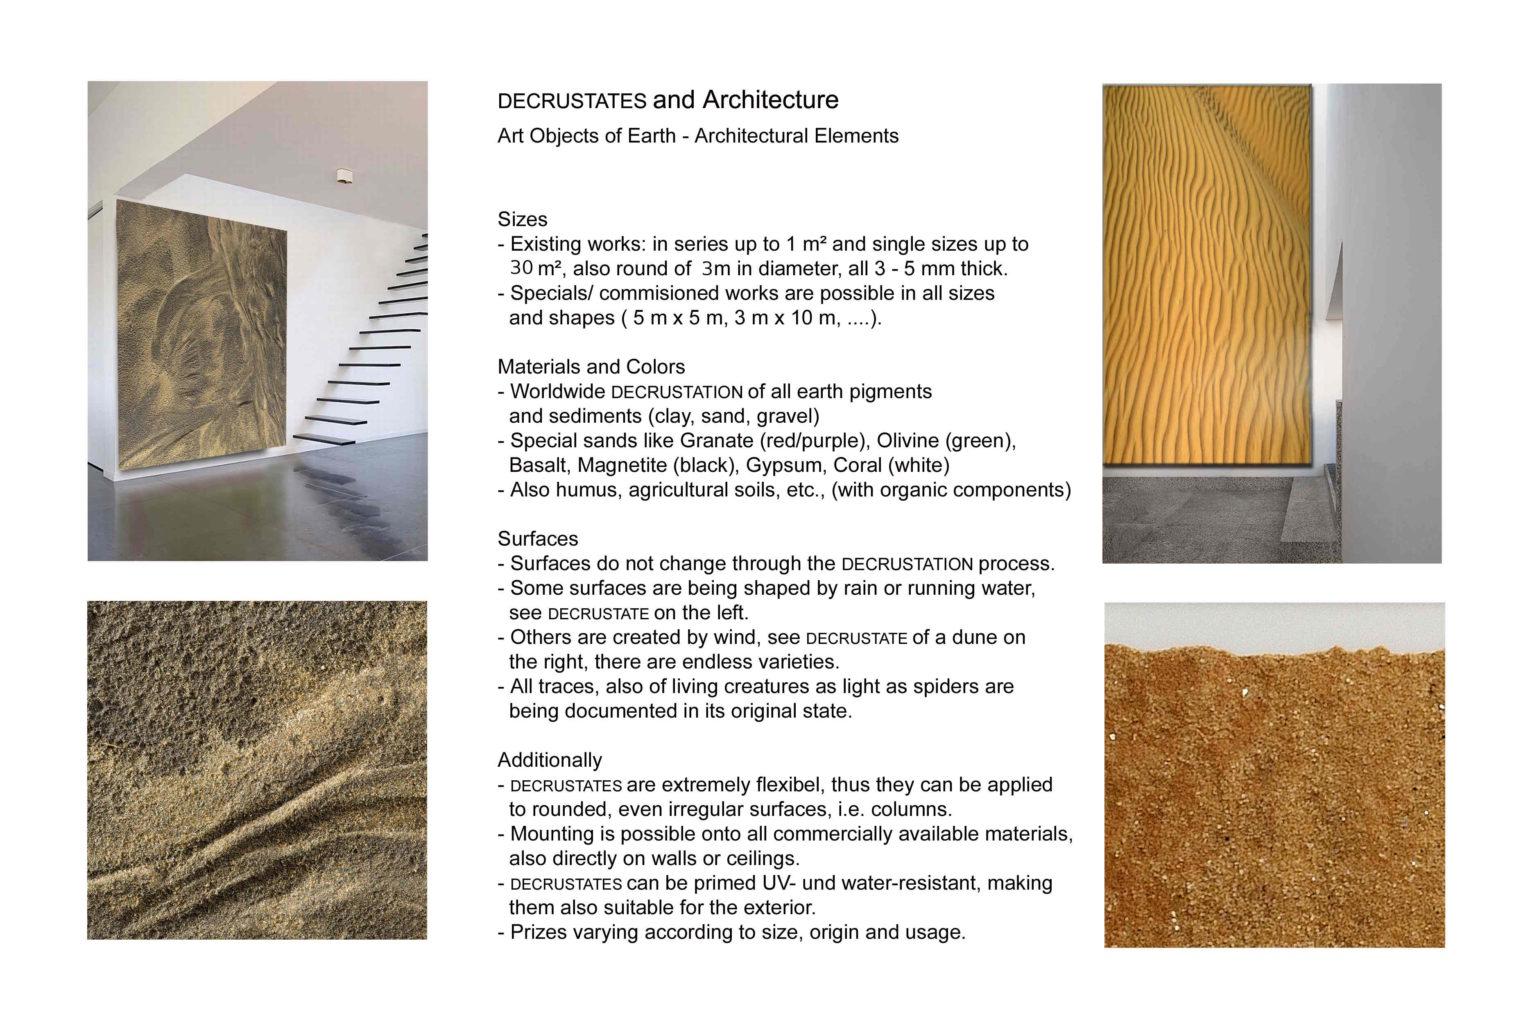 DECRUSTATES and Architecture 2019